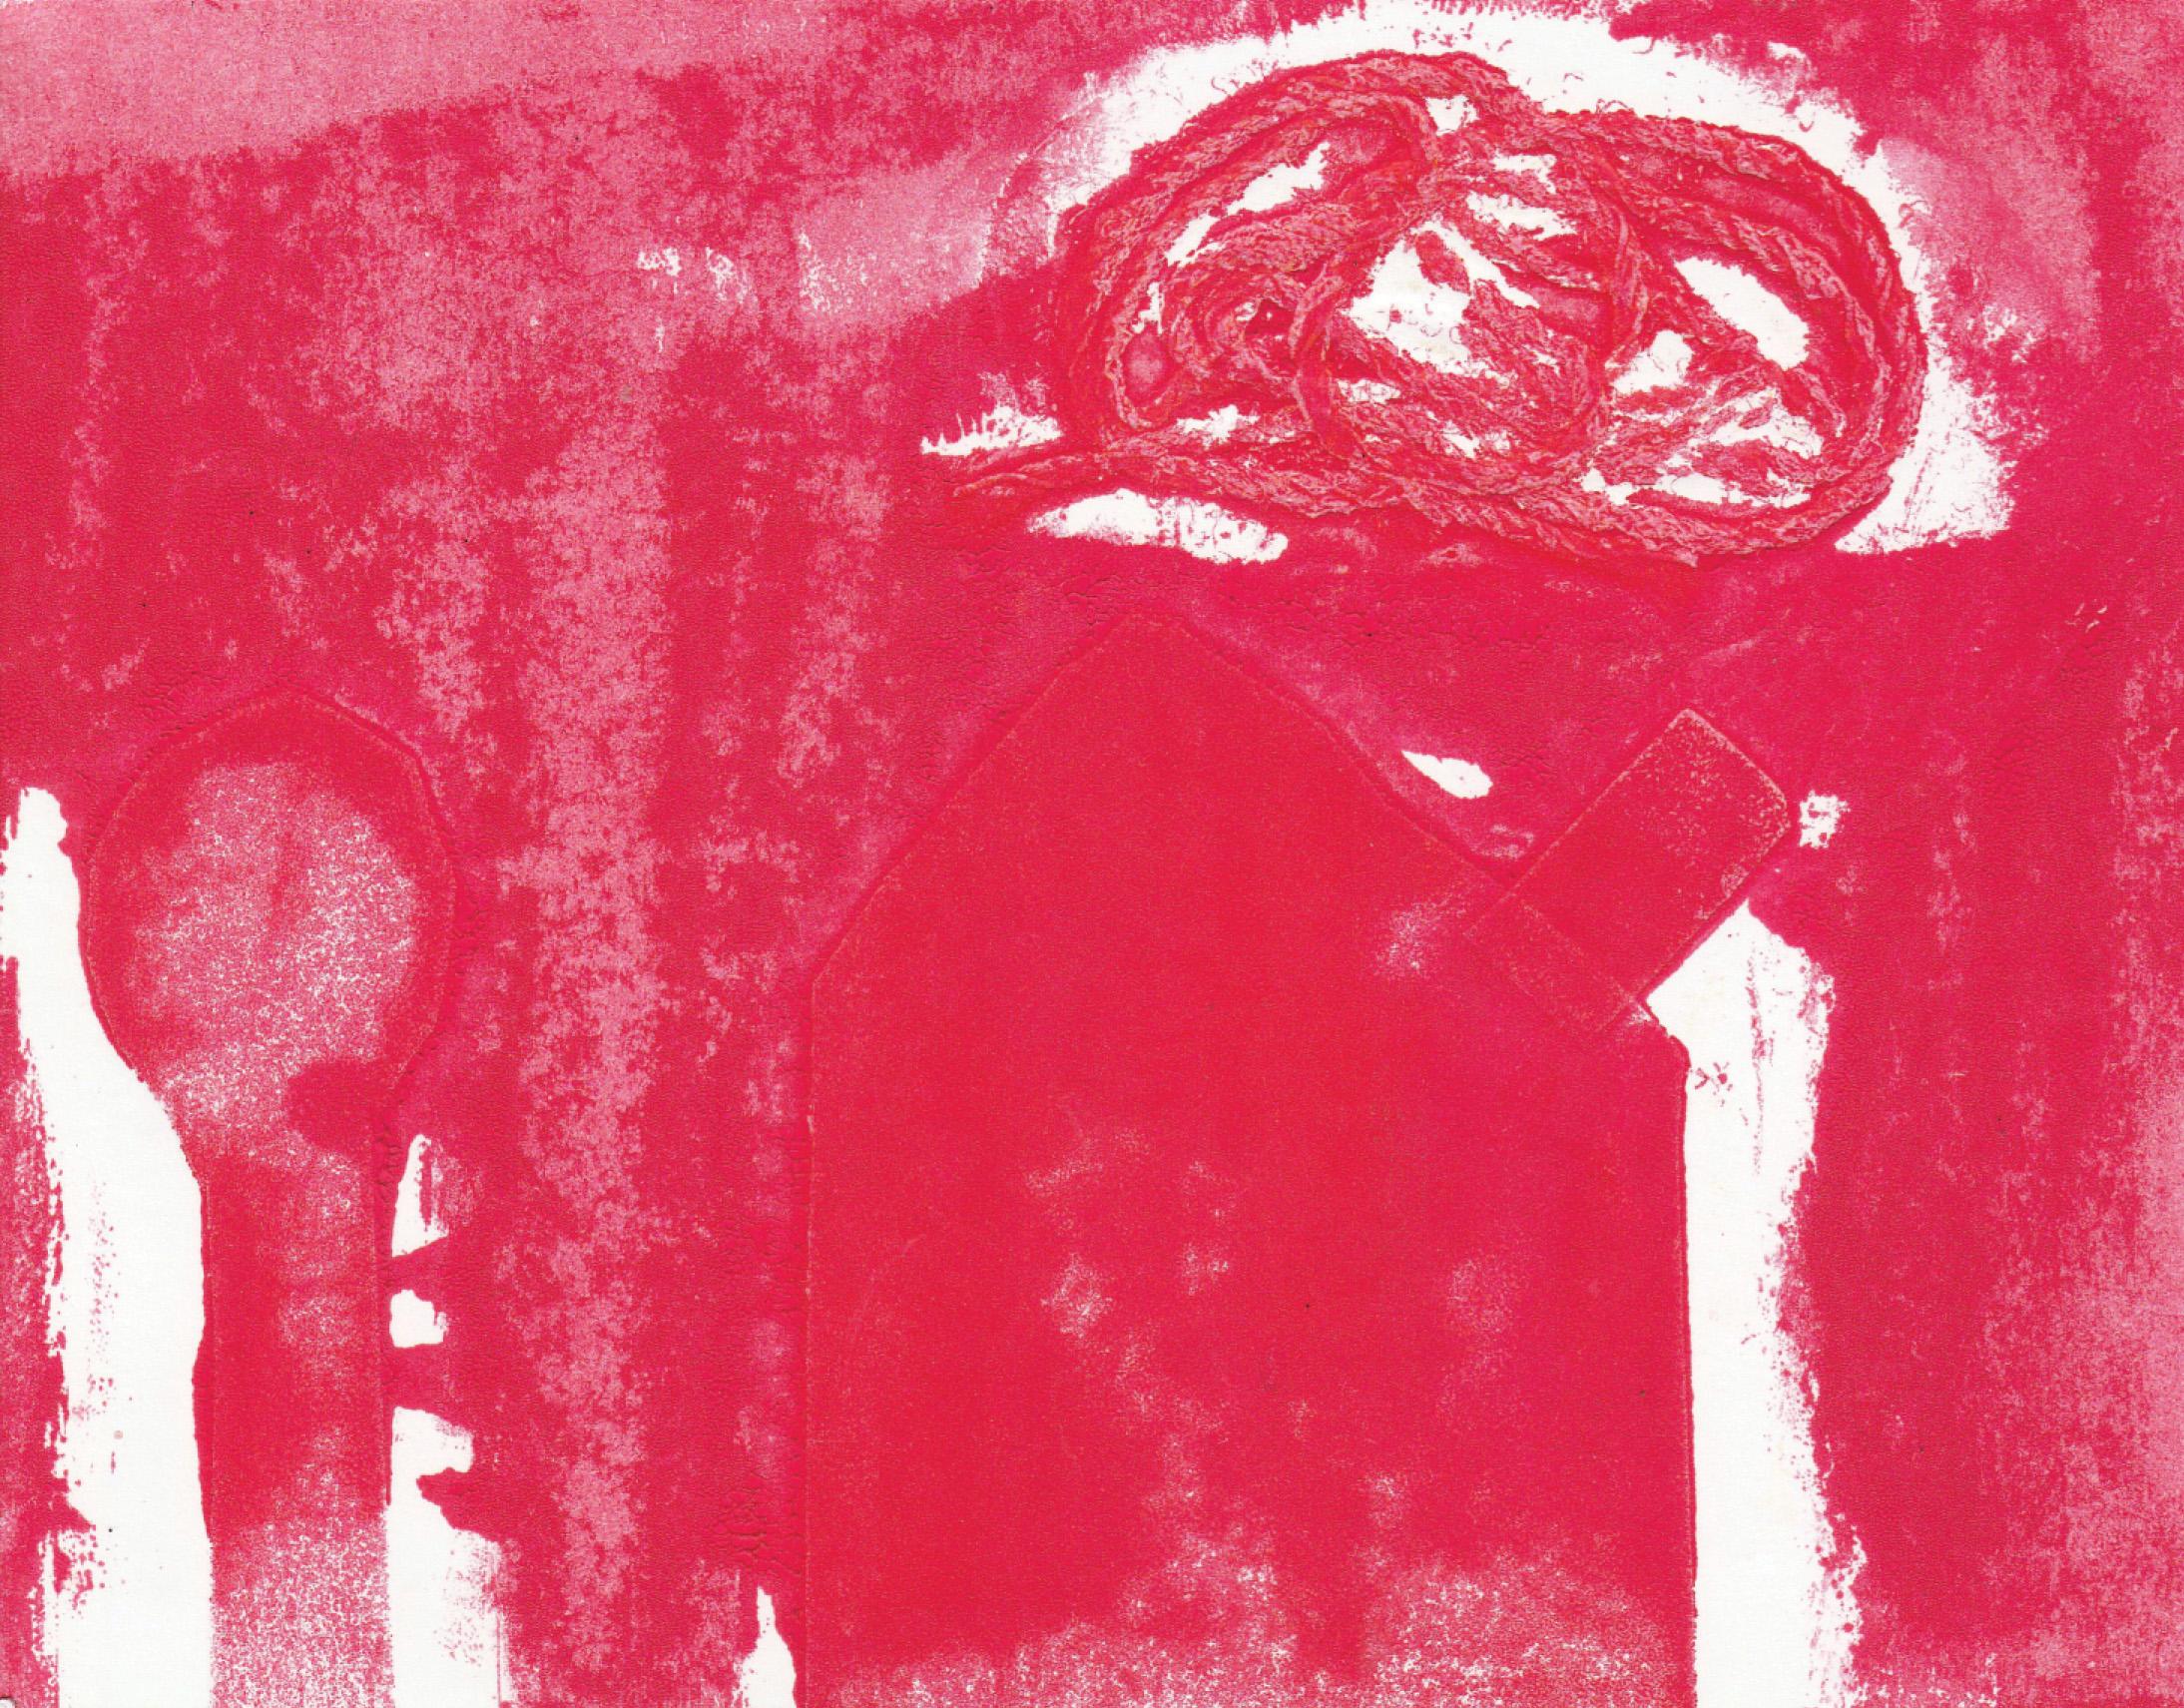 Zīmējumā ir attēlota māja, mākonis, koks. Pamatkrāsa ir tumši rozā. Zīmējums ir abstrakts.